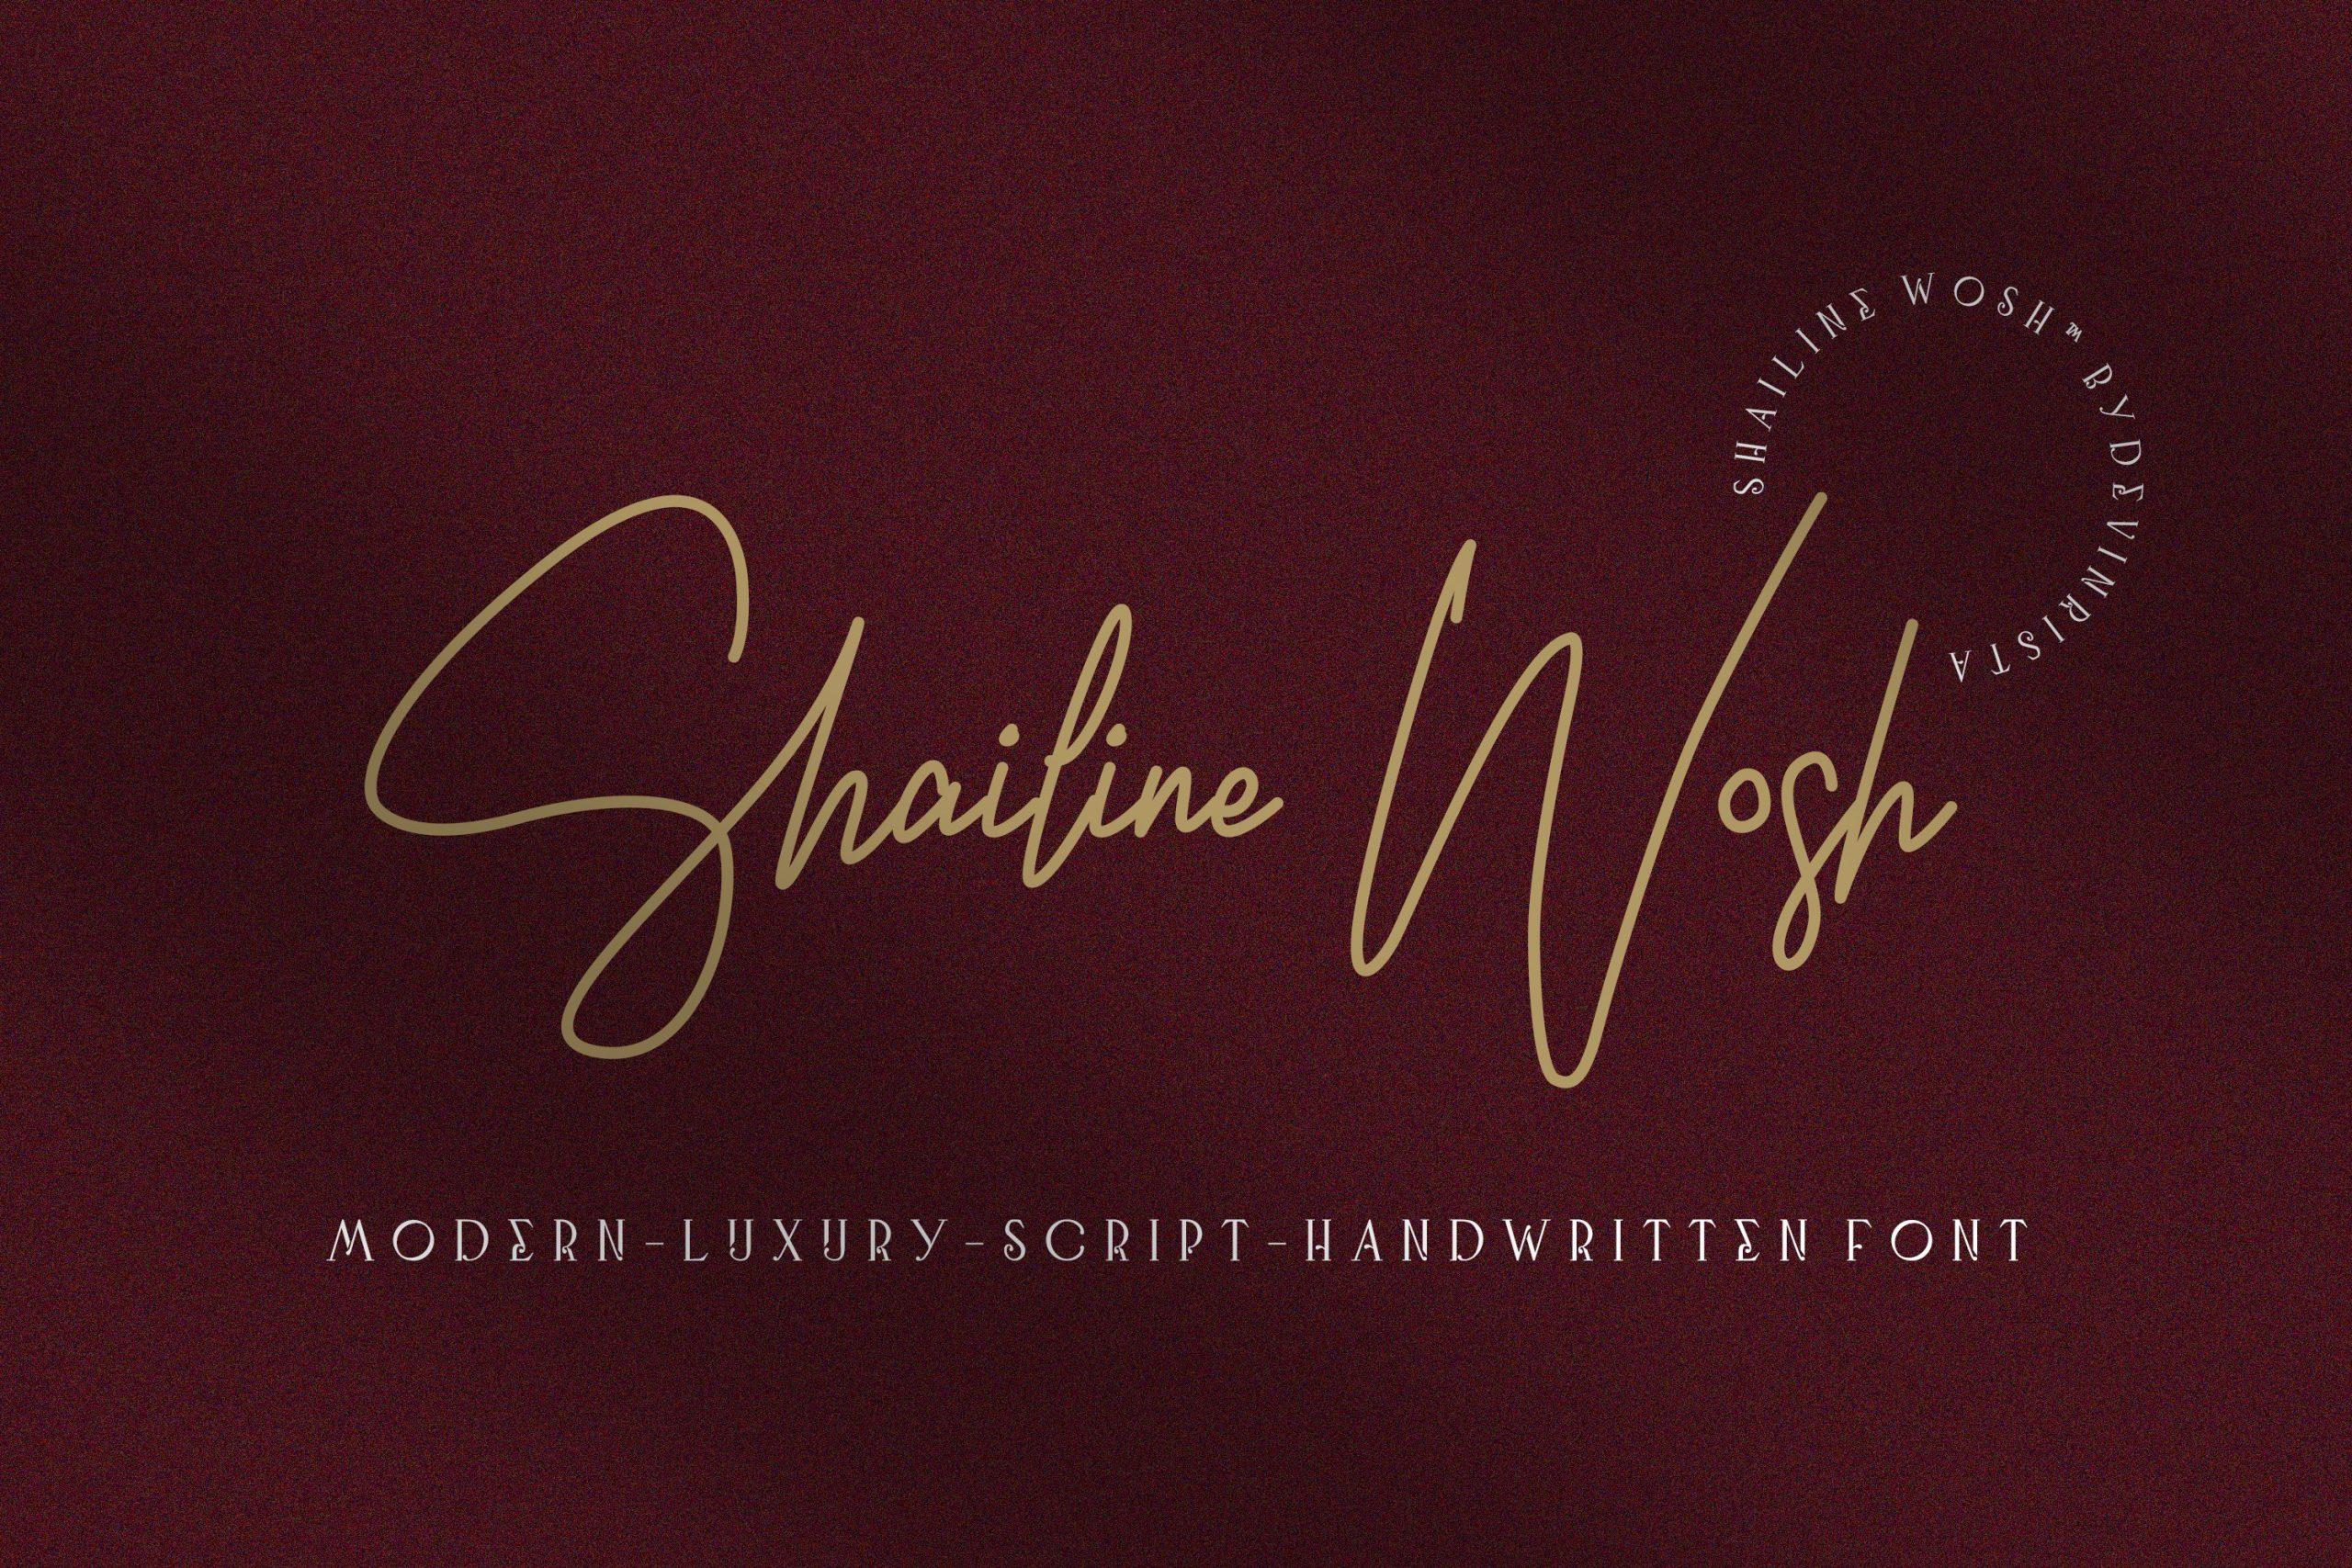 Shailine Wosh Modern Handwritten Font -1